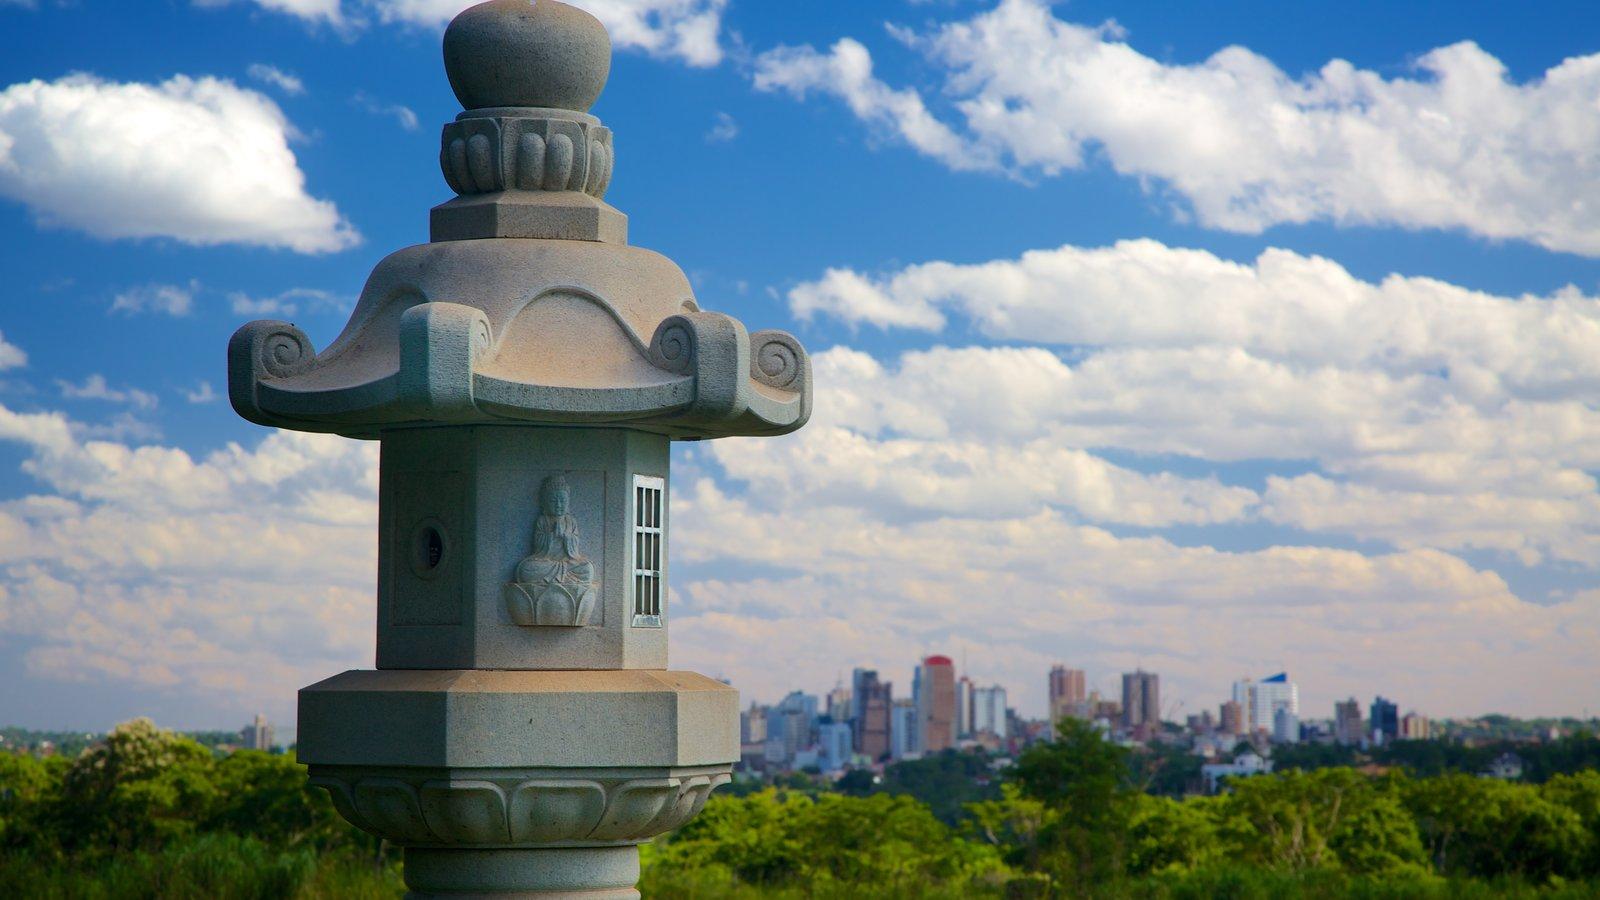 Templo Budista caracterizando um templo ou local de adoração e elementos religiosos